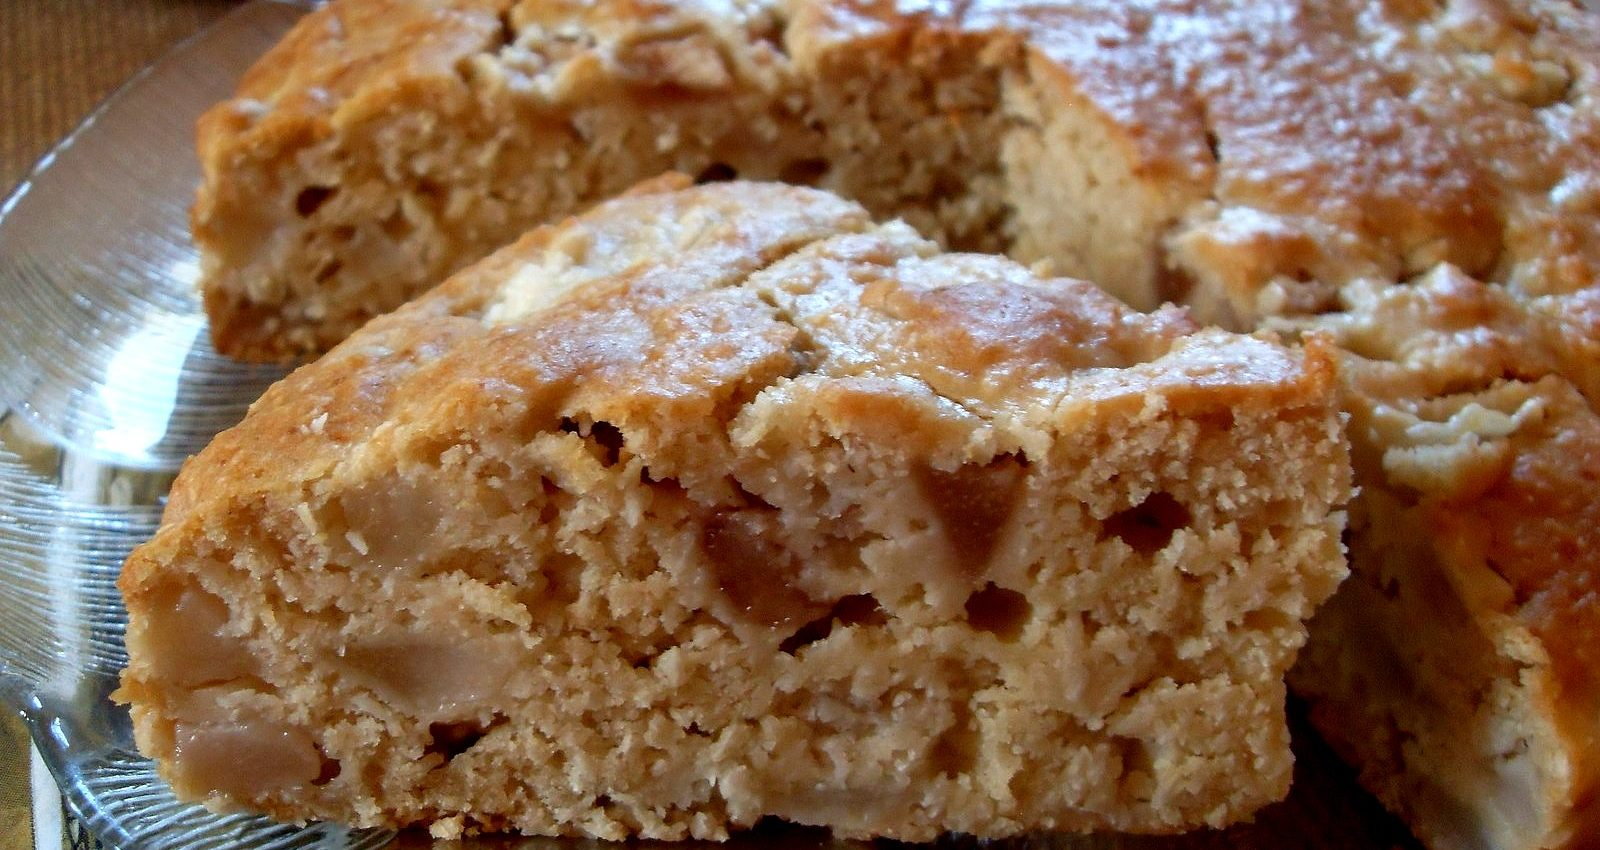 Recette v gane de g teau poires noix de coco je cuisine for Cuisinier vegan